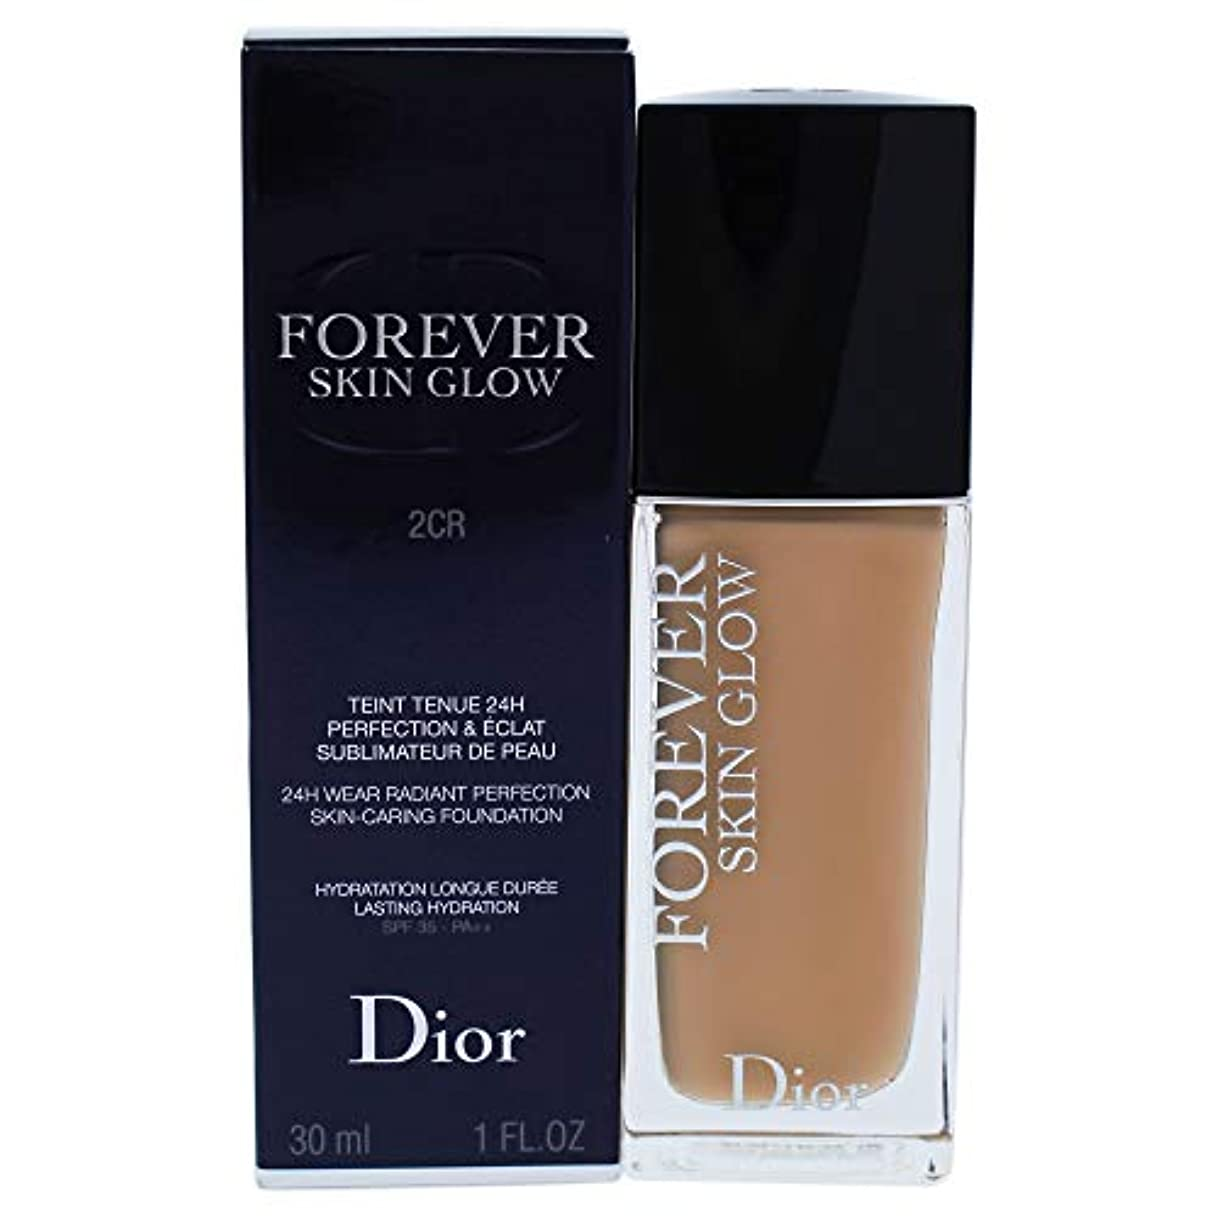 失礼閉じ込める説教するクリスチャンディオール Dior Forever Skin Glow 24H Wear High Perfection Foundation SPF 35 - # 2CR (Cool Rosy) 30ml/1oz並行輸入品